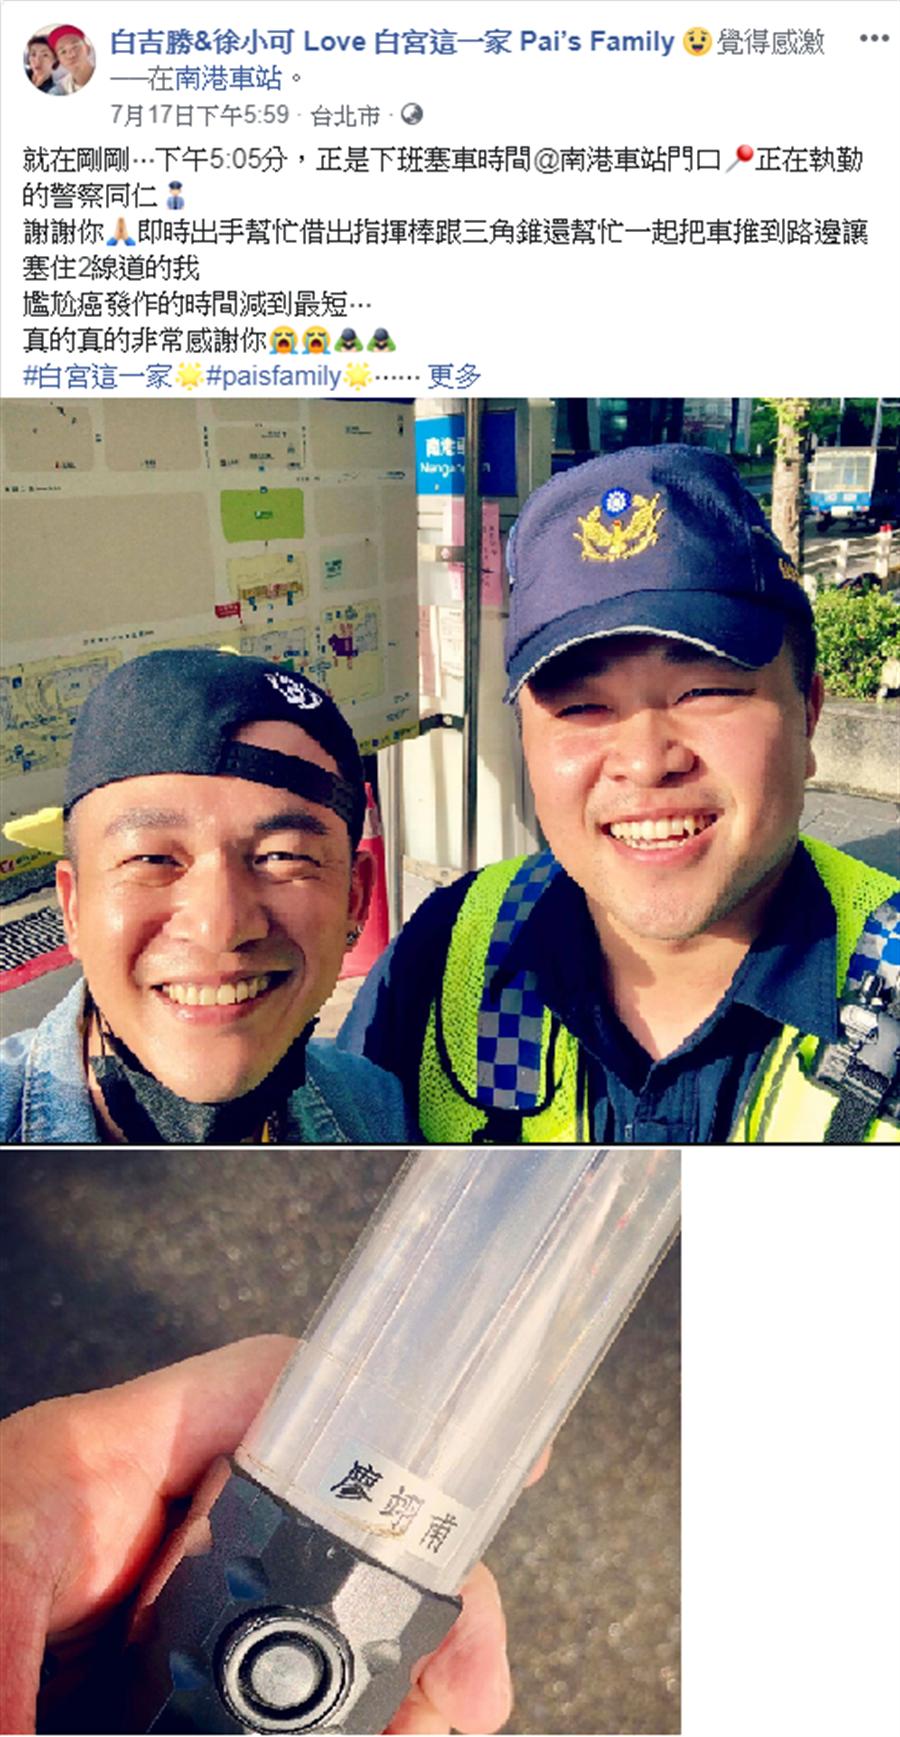 藝人阿BEN開心地與南港派出所員警廖翊甫合影,感謝他及時救援。(林郁平翻攝)